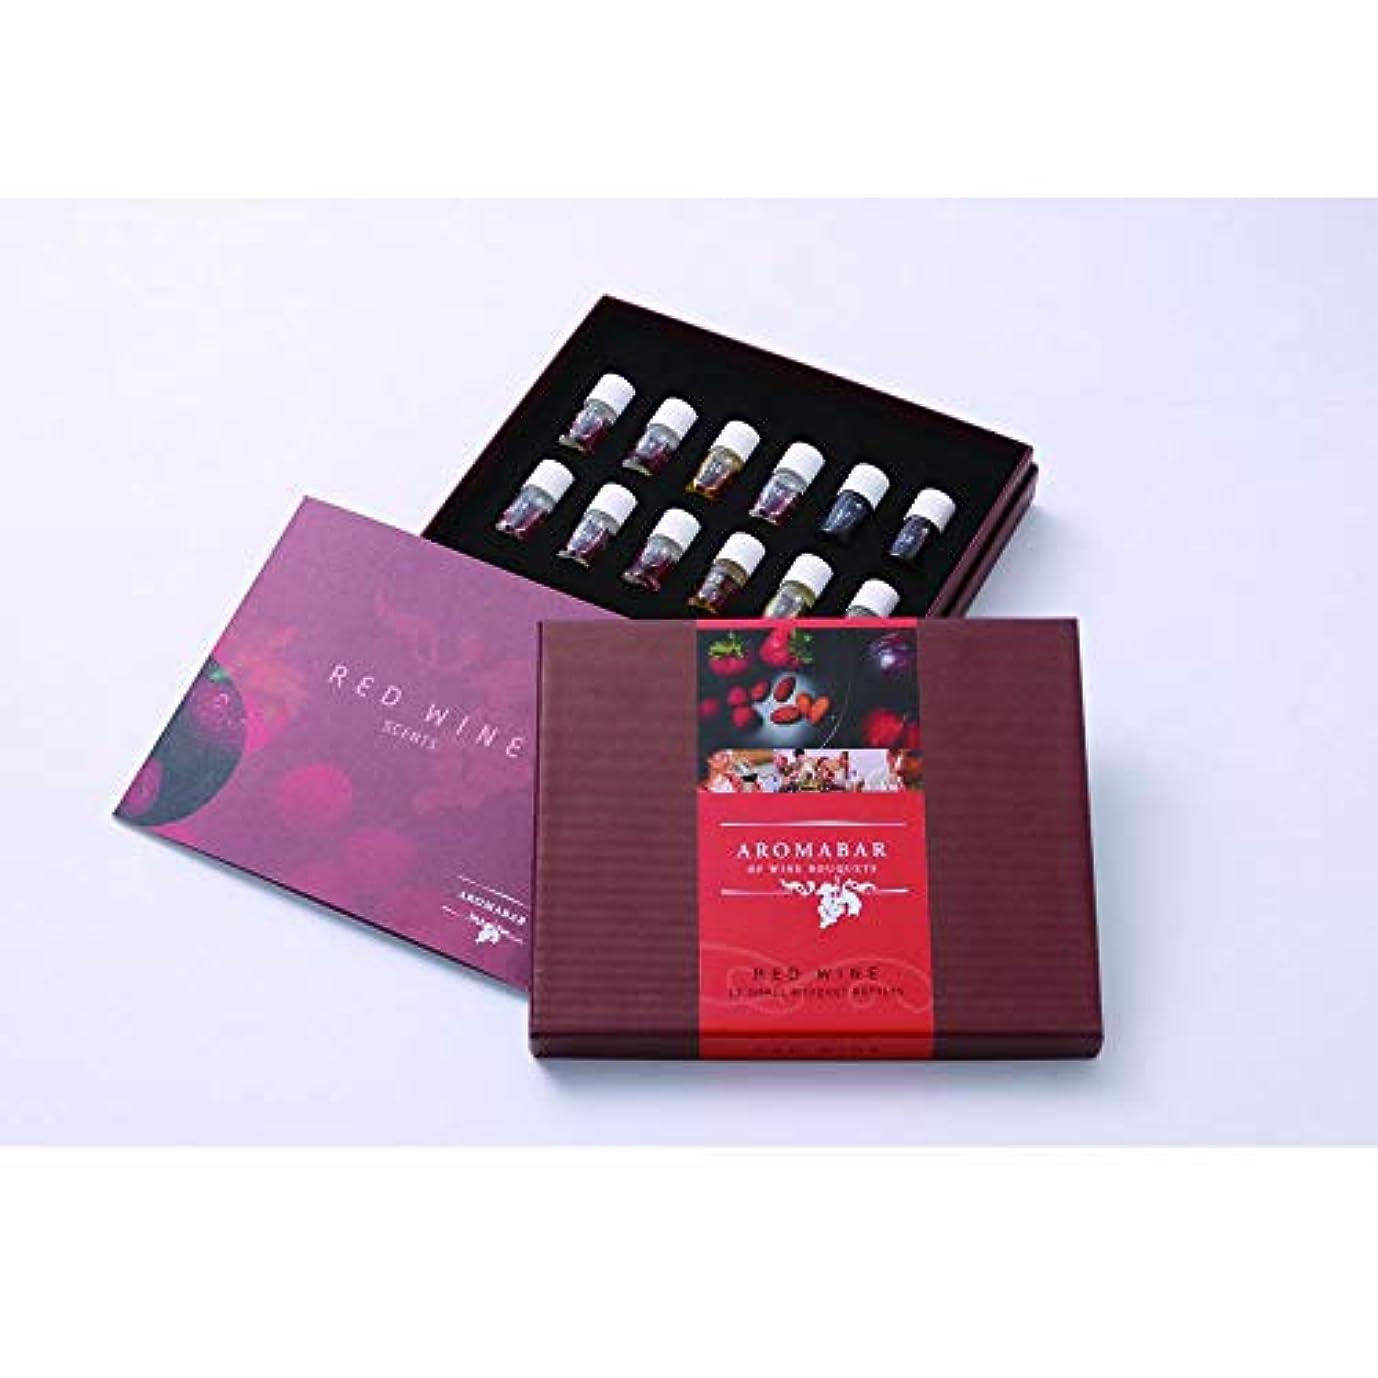 算術植木面送料無料 グローバル アロマバー12種入シリーズ レッドワイン ワイン テイスティング ソムリエ レッスン 香り